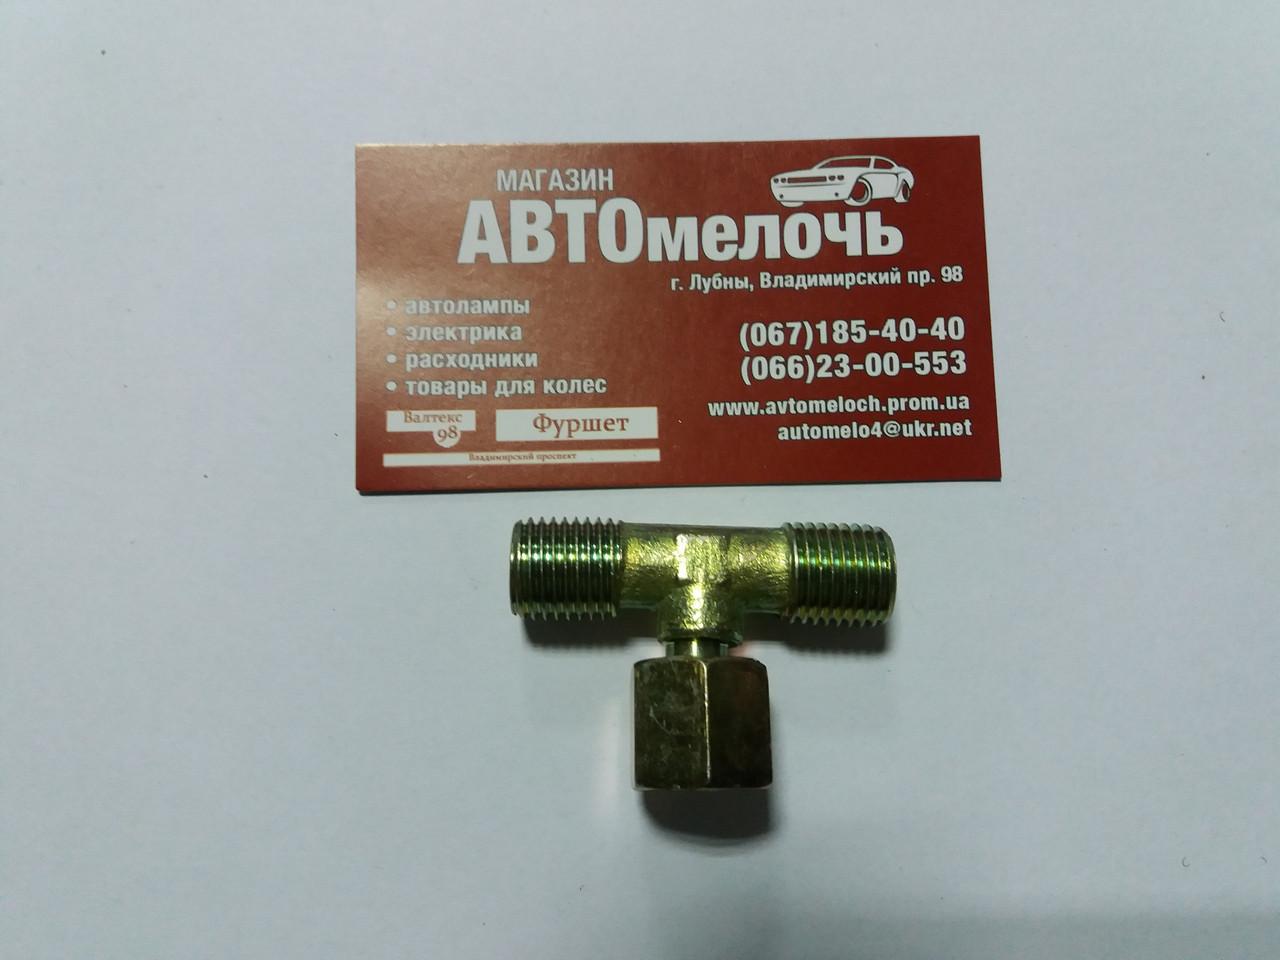 Тройник резьбовой металлический М18х1.5 наружная- М18х1.5 гайка внутренняя